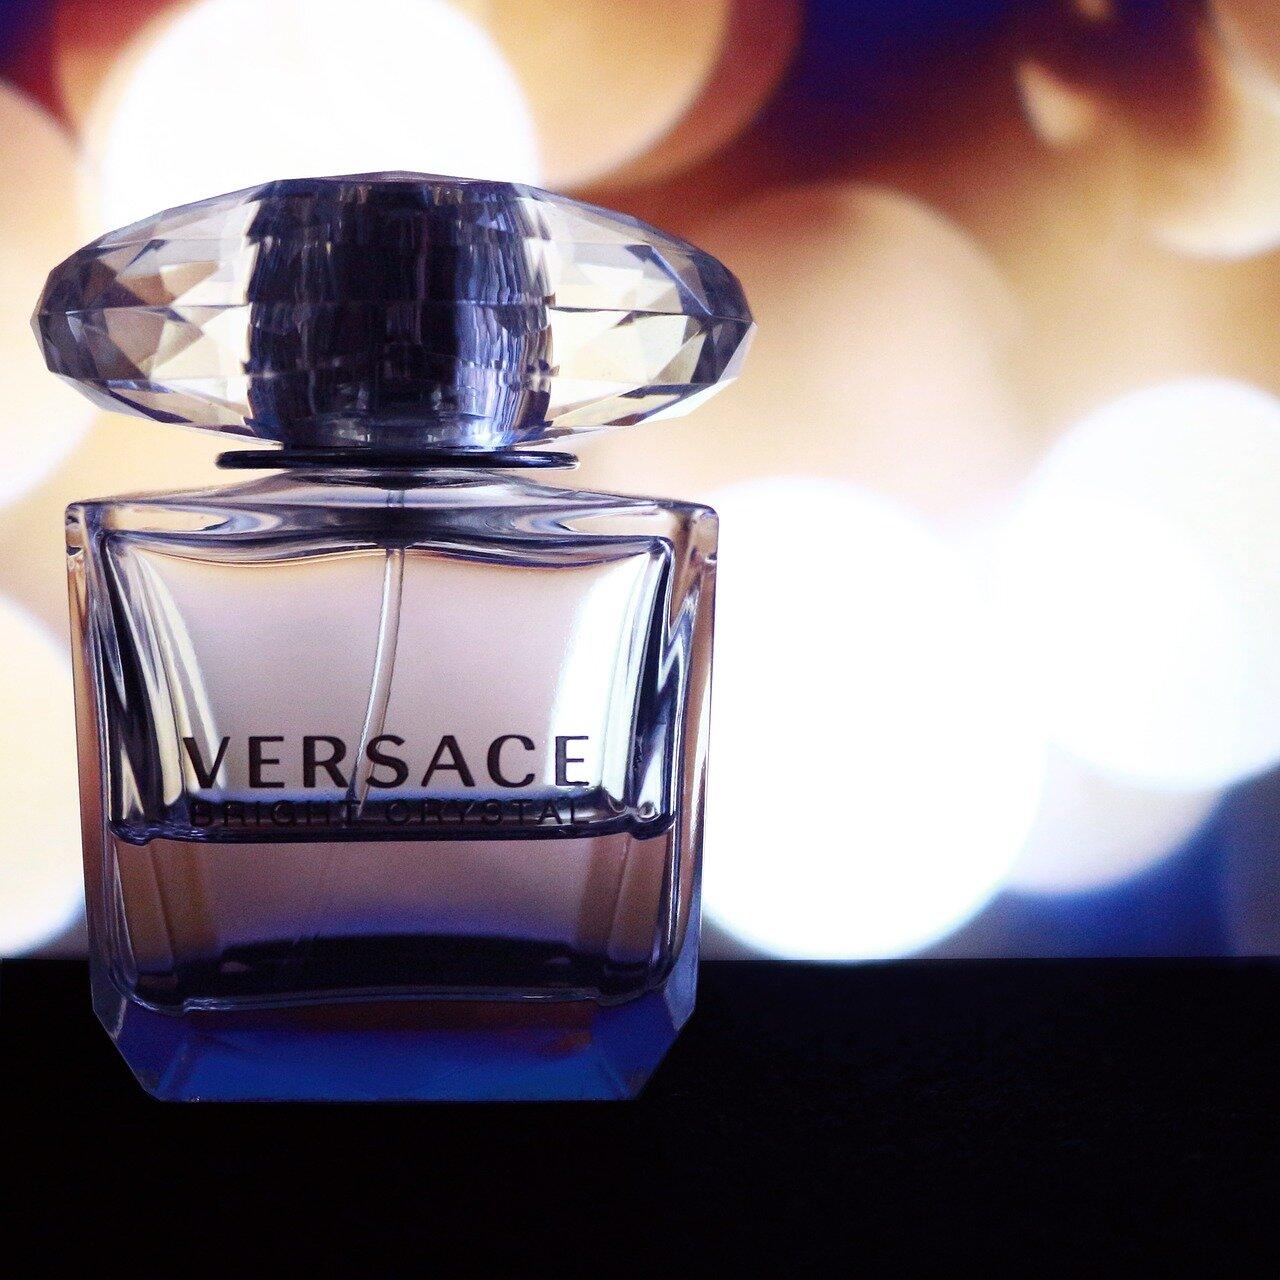 Perfumy Versace – podstawowe informacje, ceny, próbki